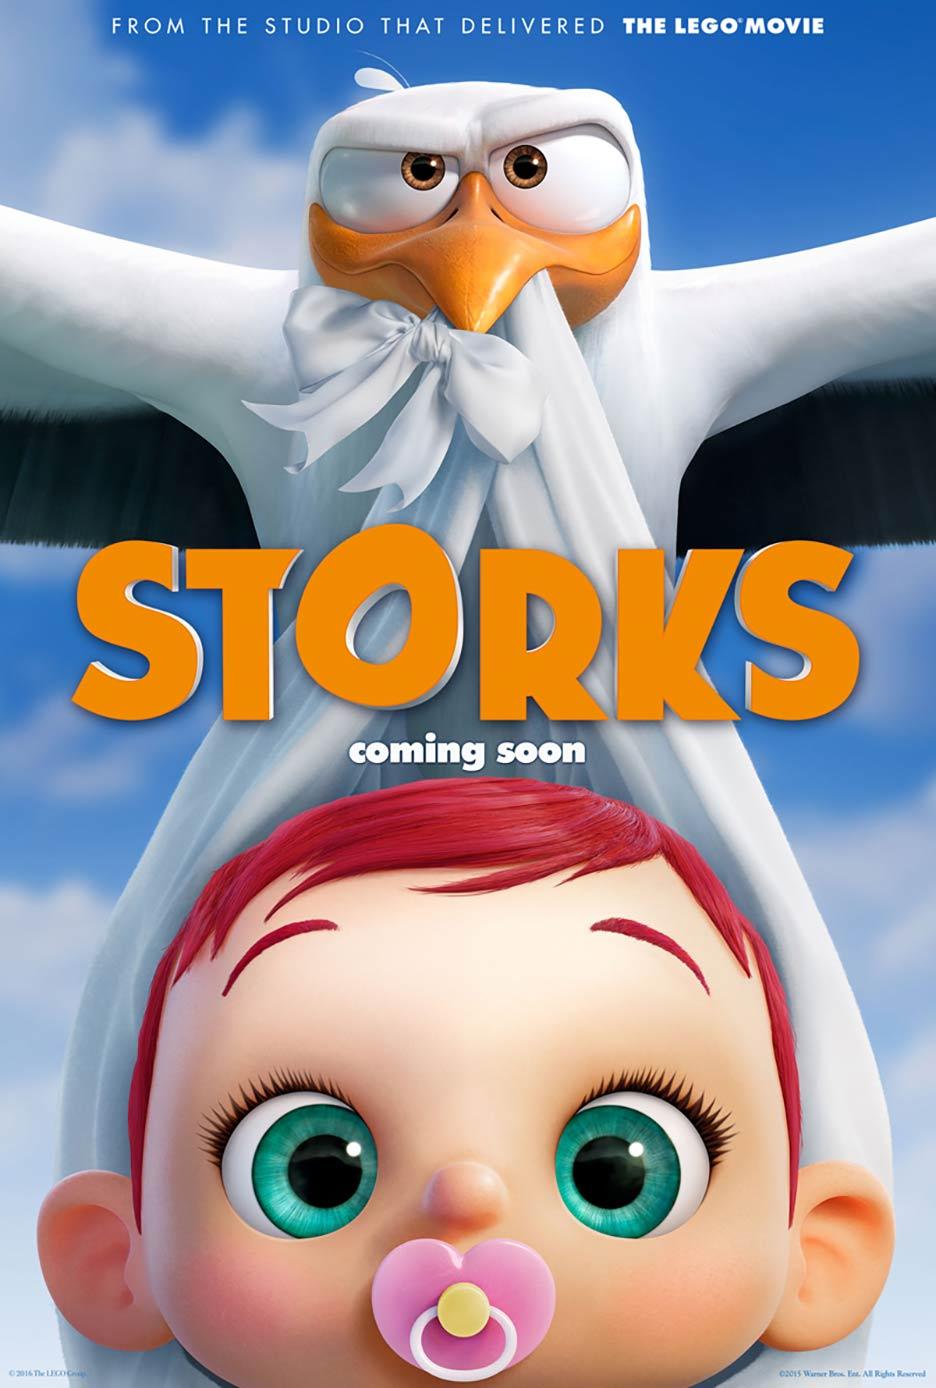 [Storks poster]